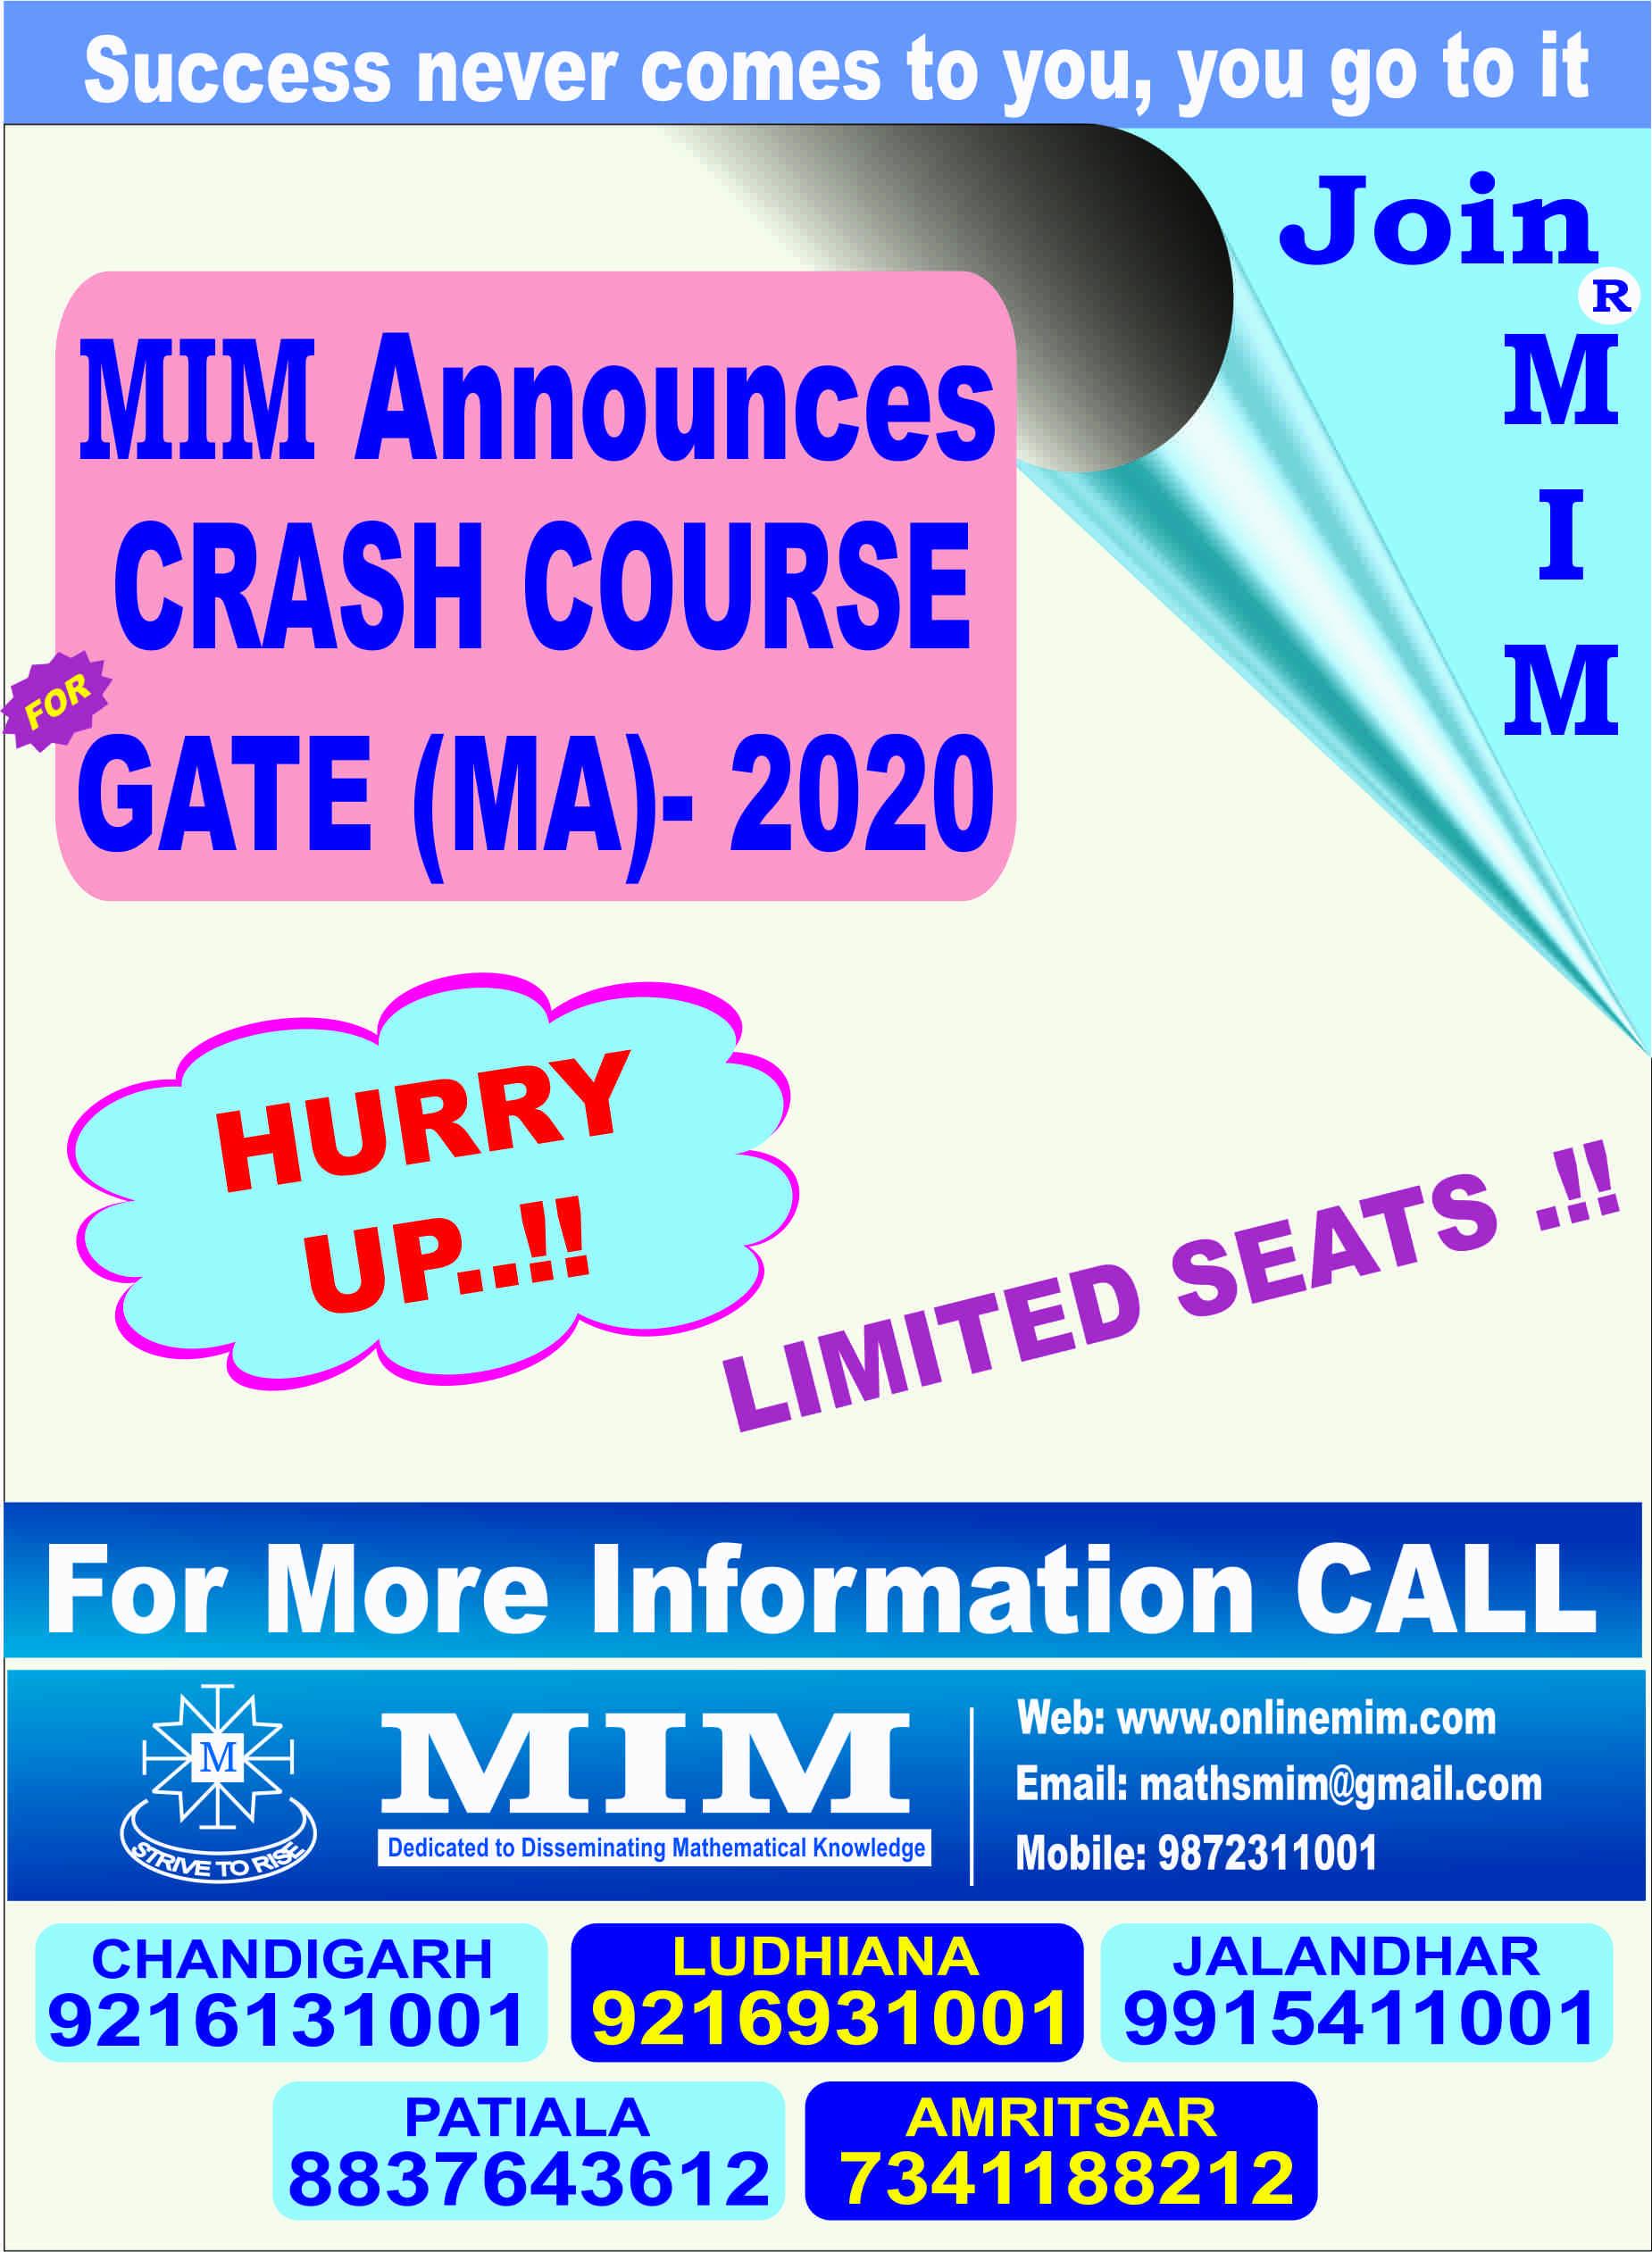 gate-ma crash course 2020